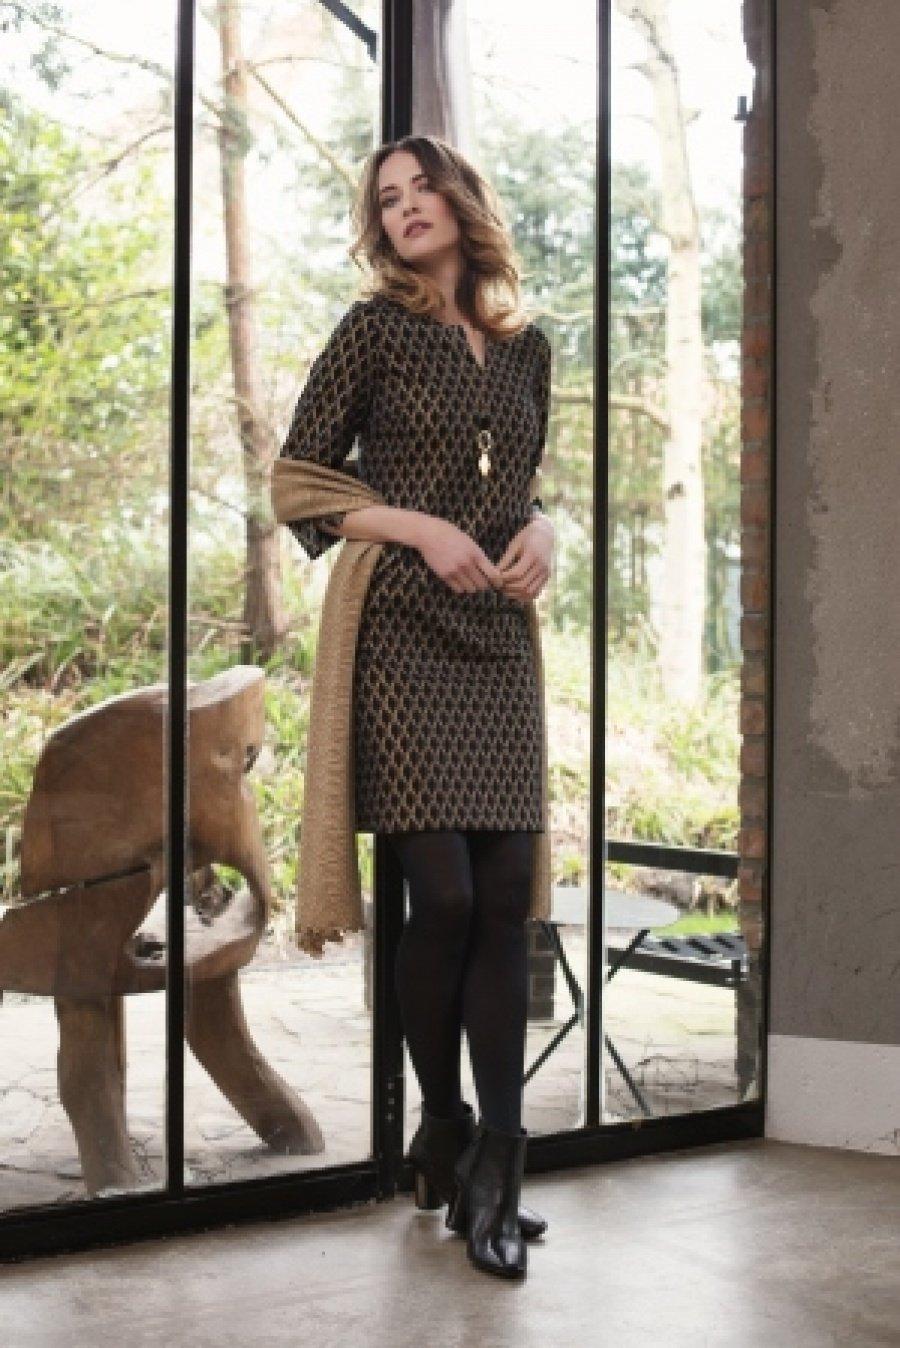 nieuwe uitstraling korting te koop hoge kwaliteit Stockverkoop dameskleding Accent -- Stockverkoop in Erpe-Mere